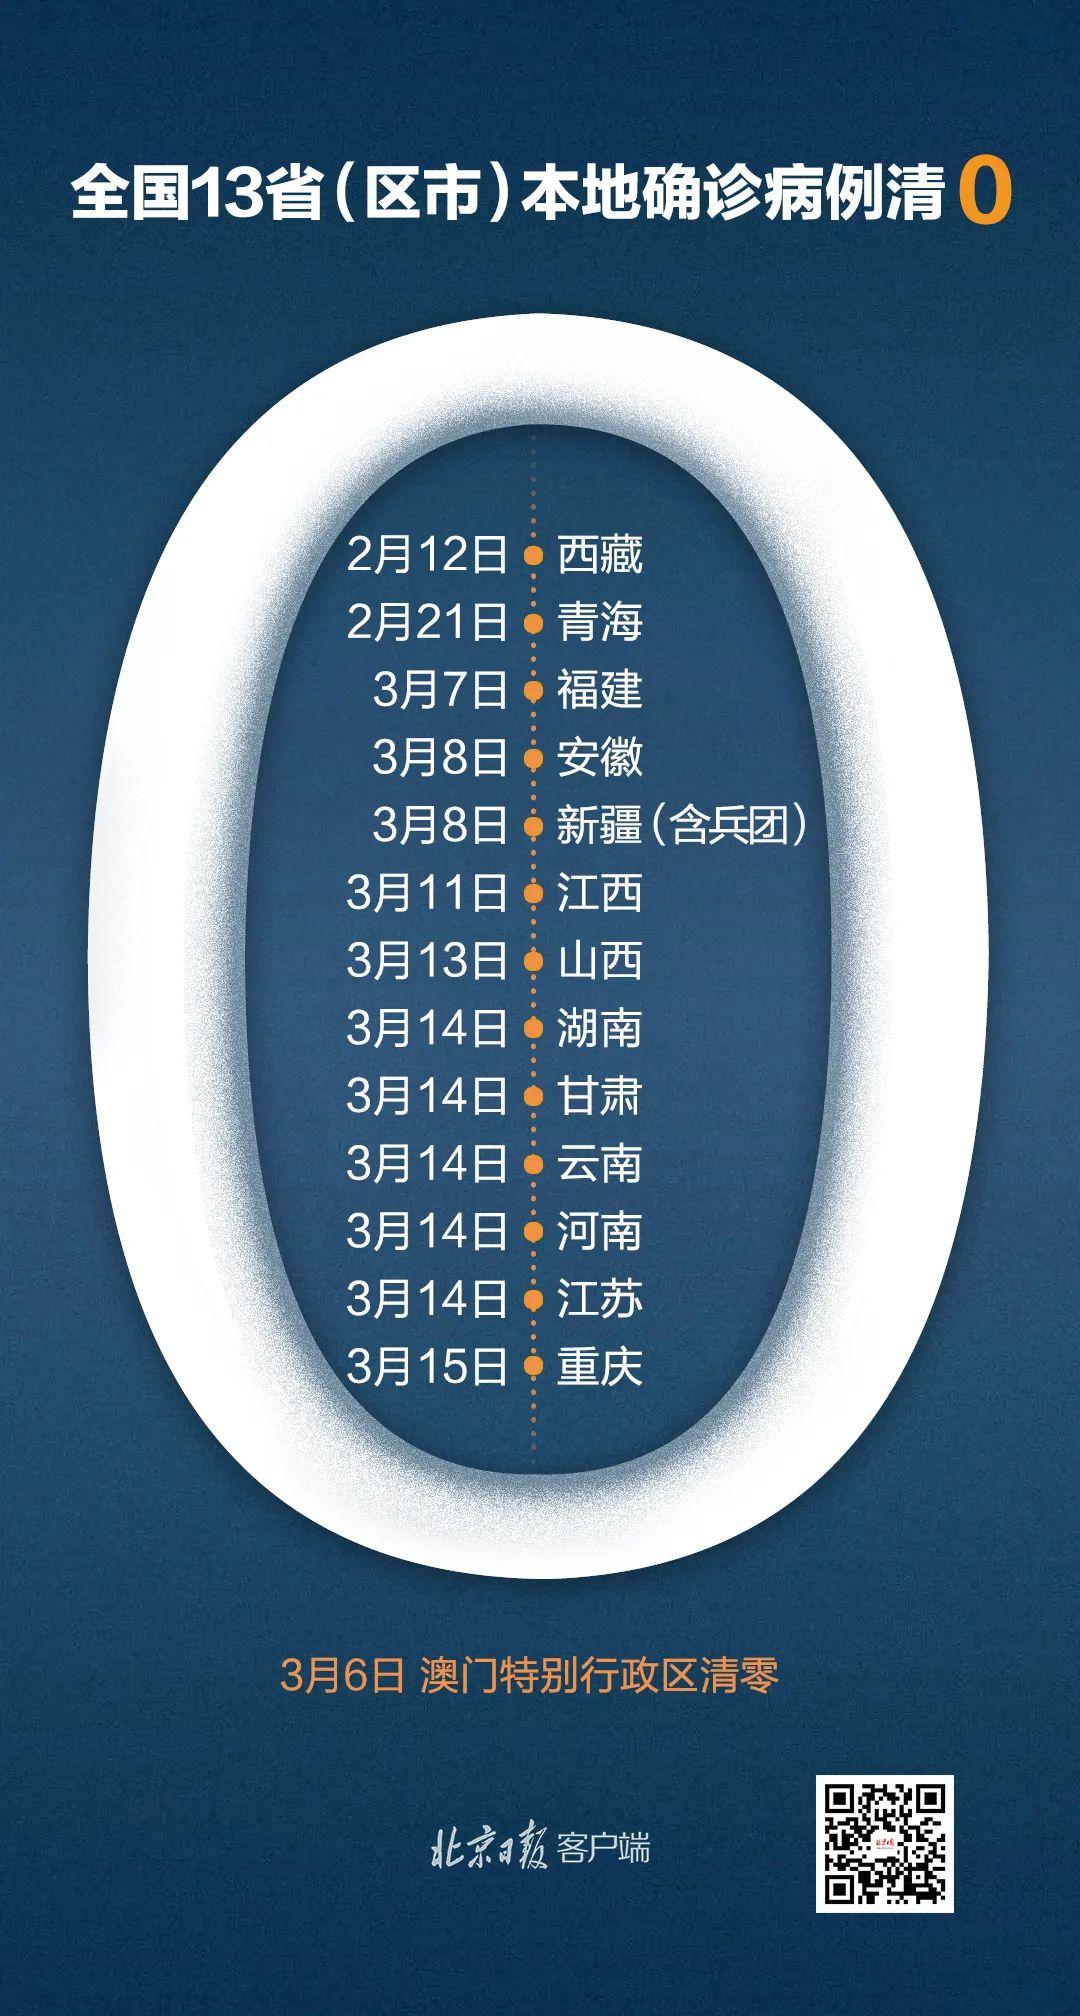 13省区市本地确诊病例清零,严防境外输入成关键图片